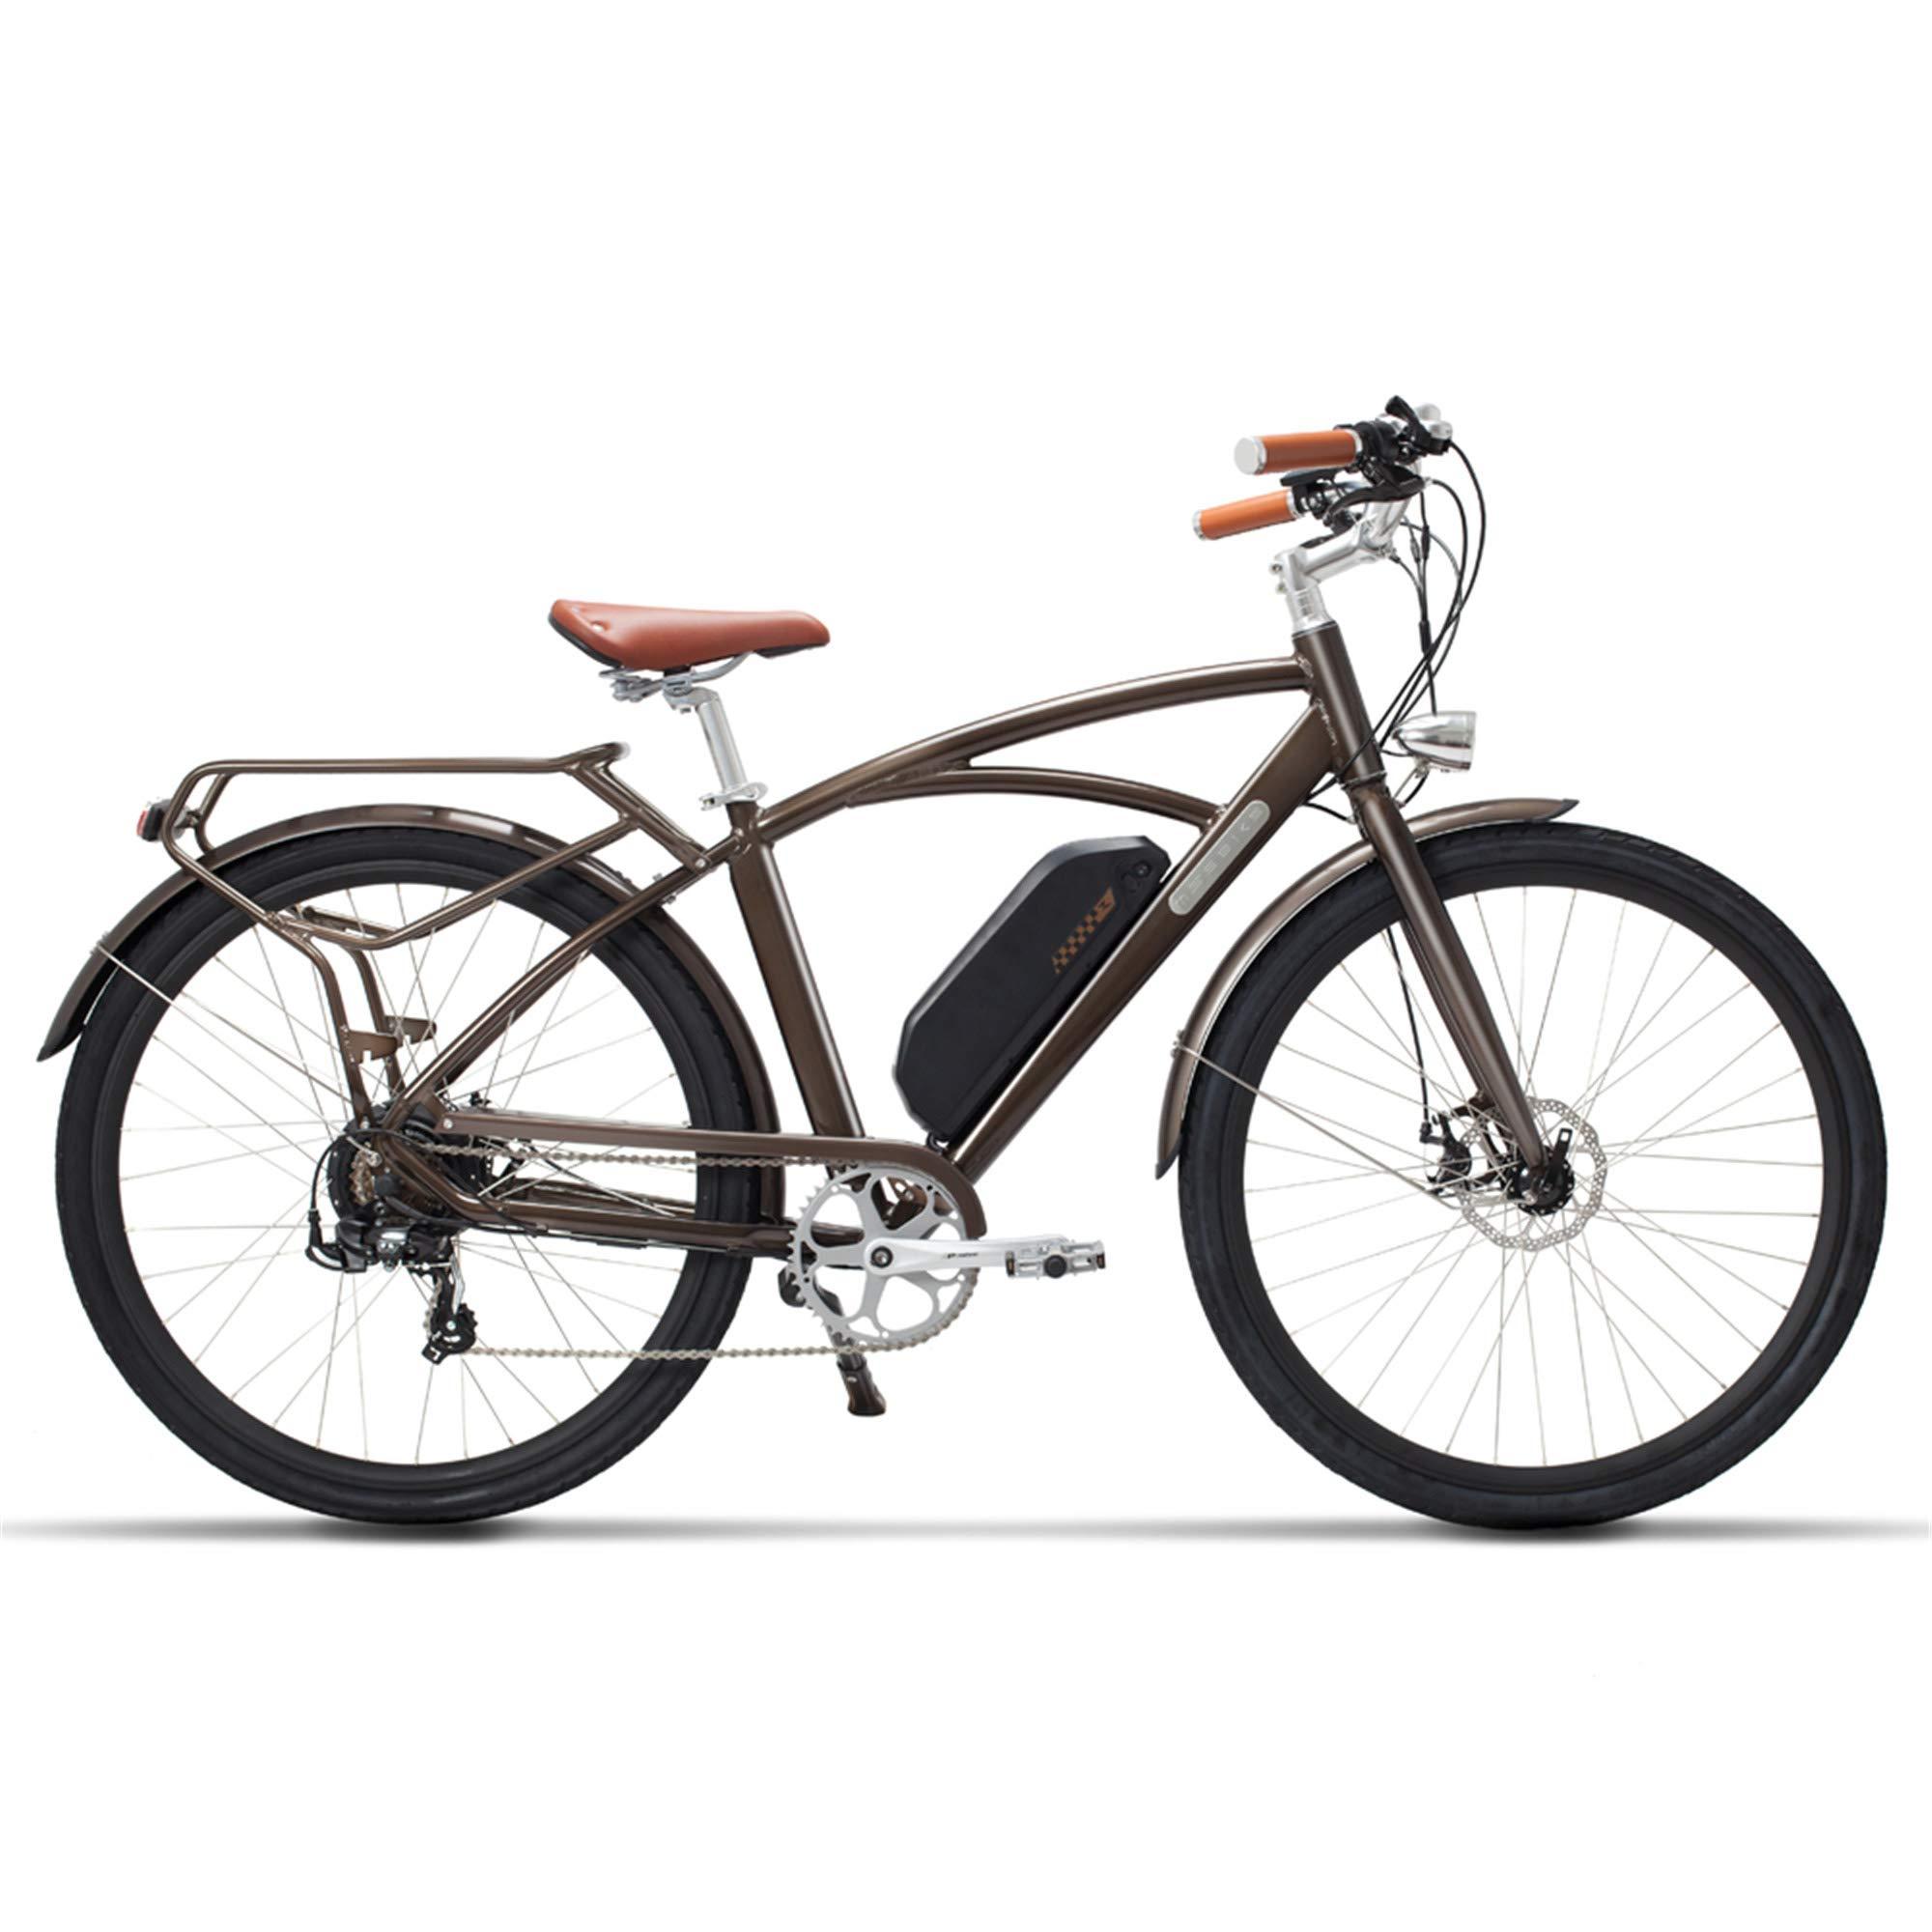 MSEBIKE Comet 700C Bicicleta Eléctrica 48 V 13Ah 400 W Bicicleta ...